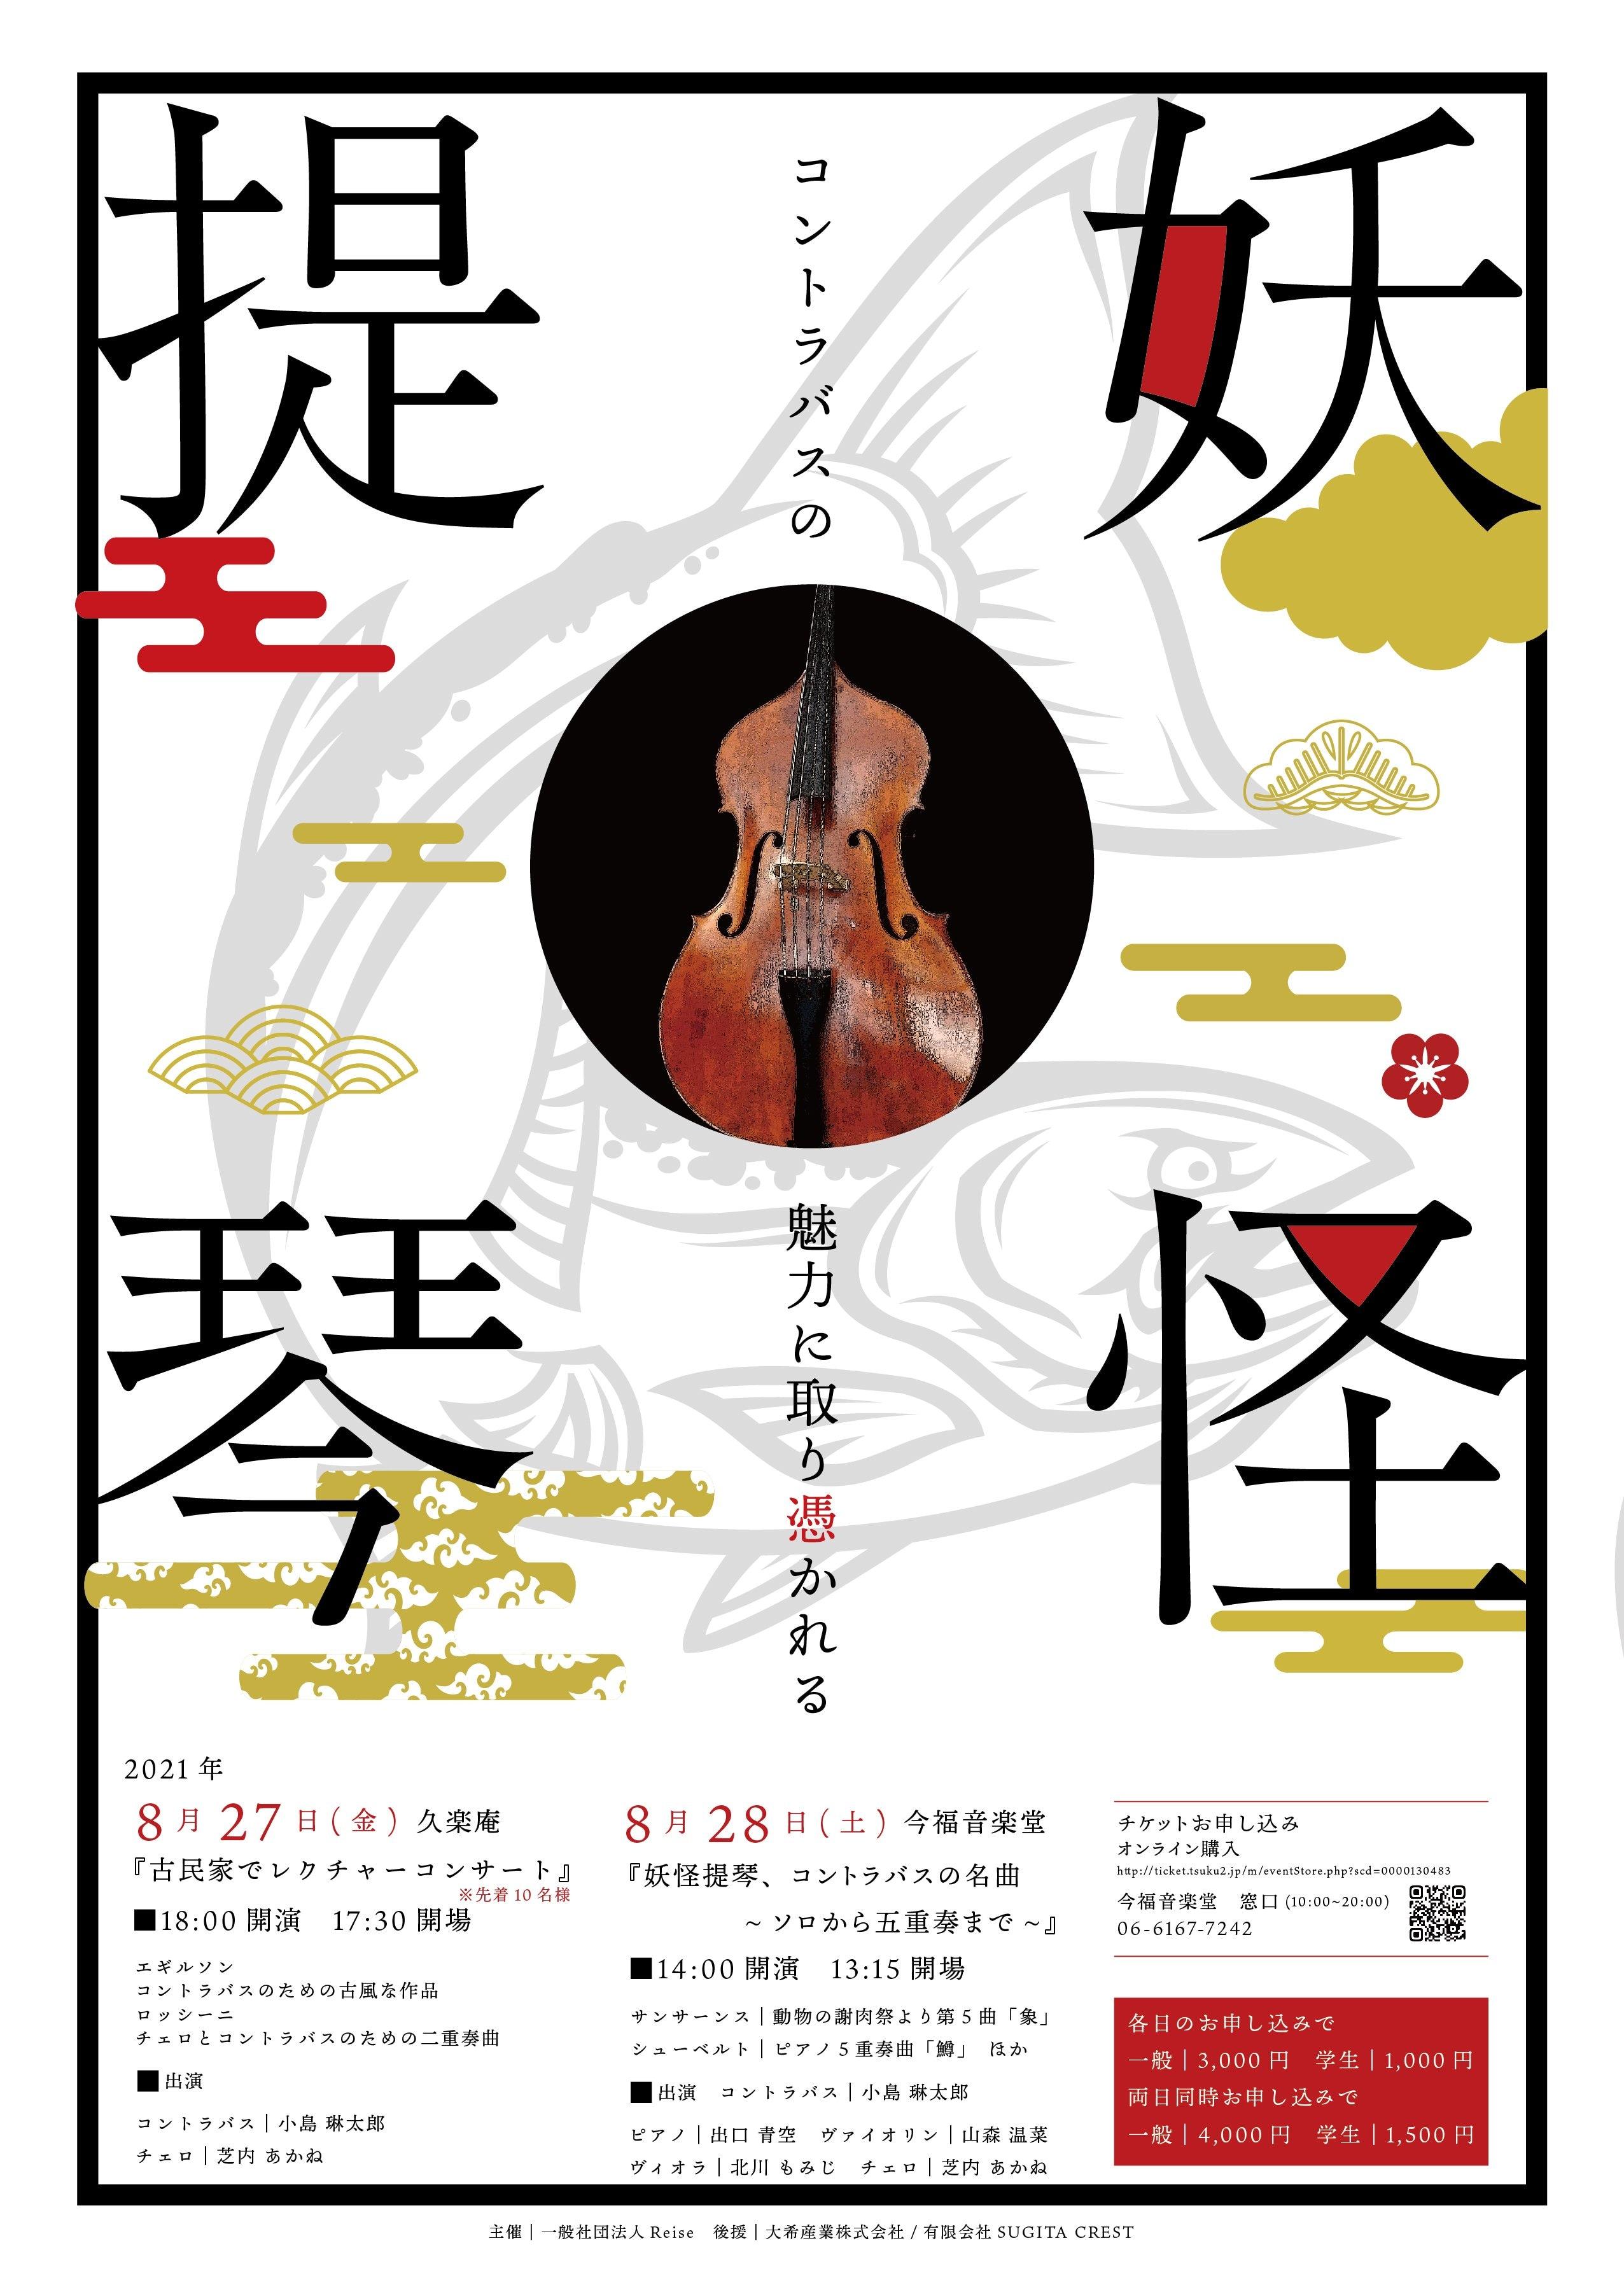 【各日学生】8月28日開催「妖怪提琴、コントラバスの名曲〜ソロから五重奏まで〜」のイメージその1